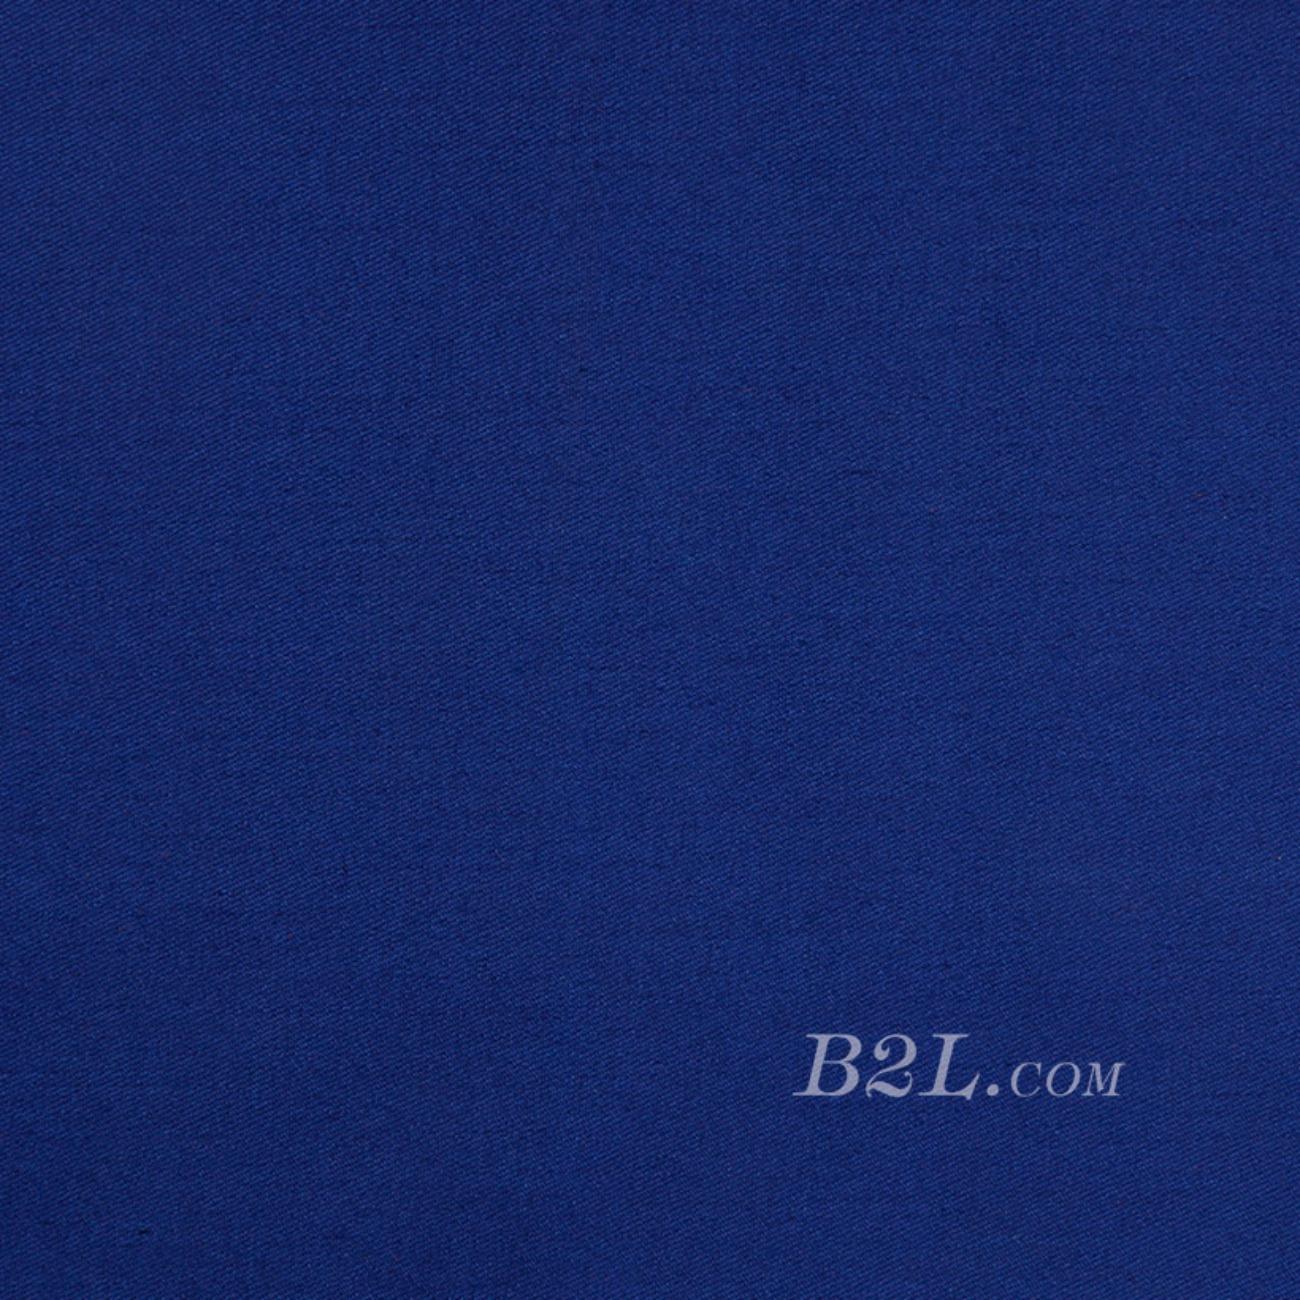 现货 斜纹素色喷水梭织染色工装制服保安服装面料 工作服 TC涤棉 偏硬 70911-15